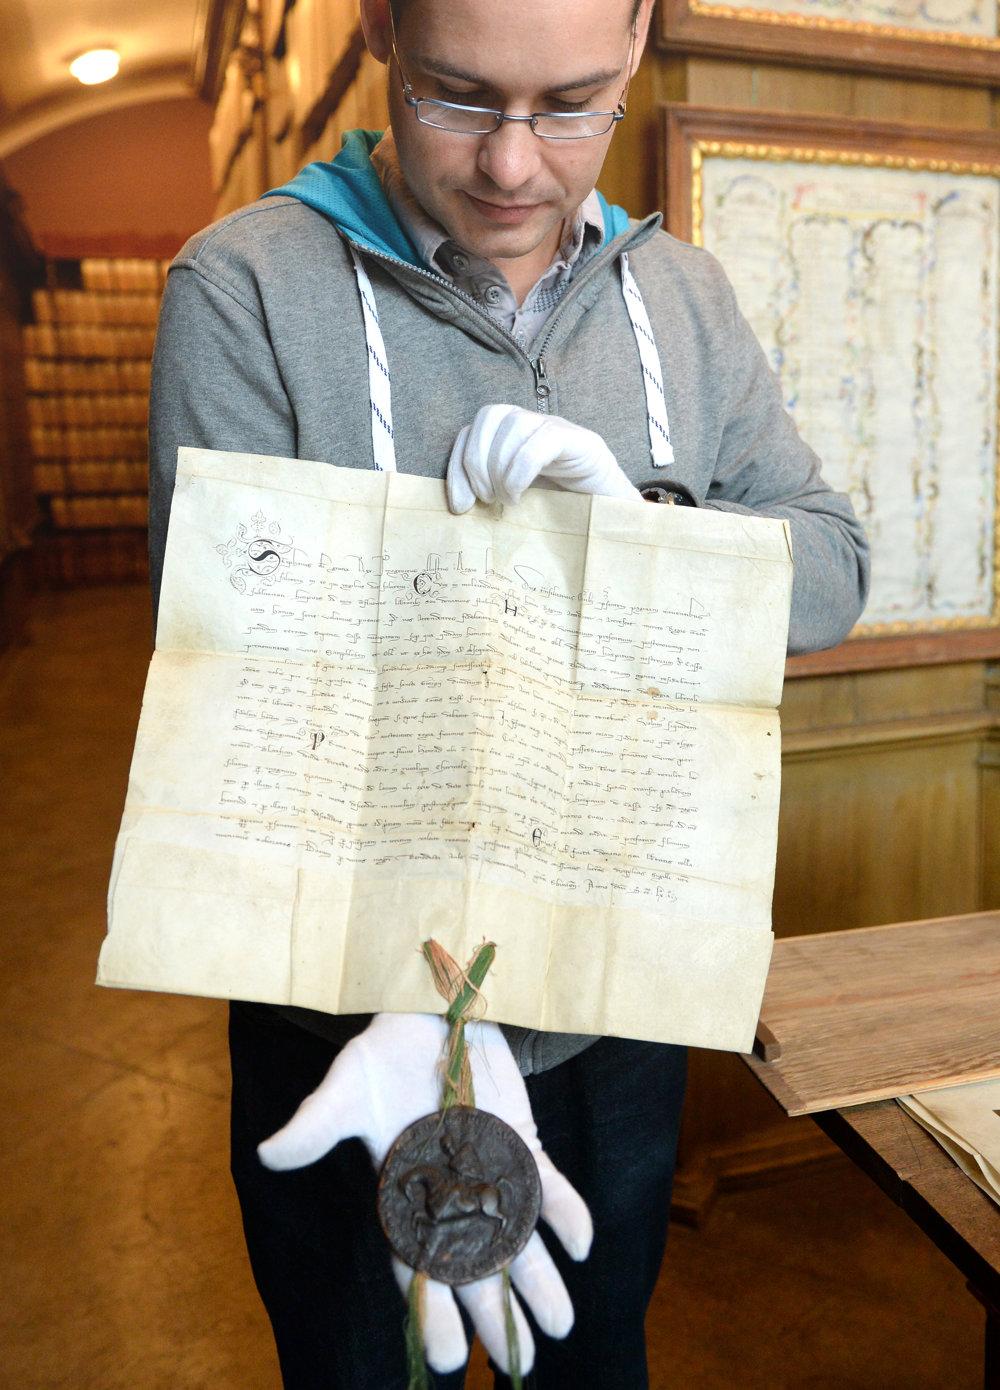 Archivár Martin Bartoš ukazuje najstaršiu košickú listinu z roku 1261. Je to donácia na územie Vyšných Košíc, od mladšieho kráľa Štefana V. Panovník v nej daroval územie Vyšných Košíc, severne od historického centra, košickým hosťom Semphlebenovi a Oblovi.